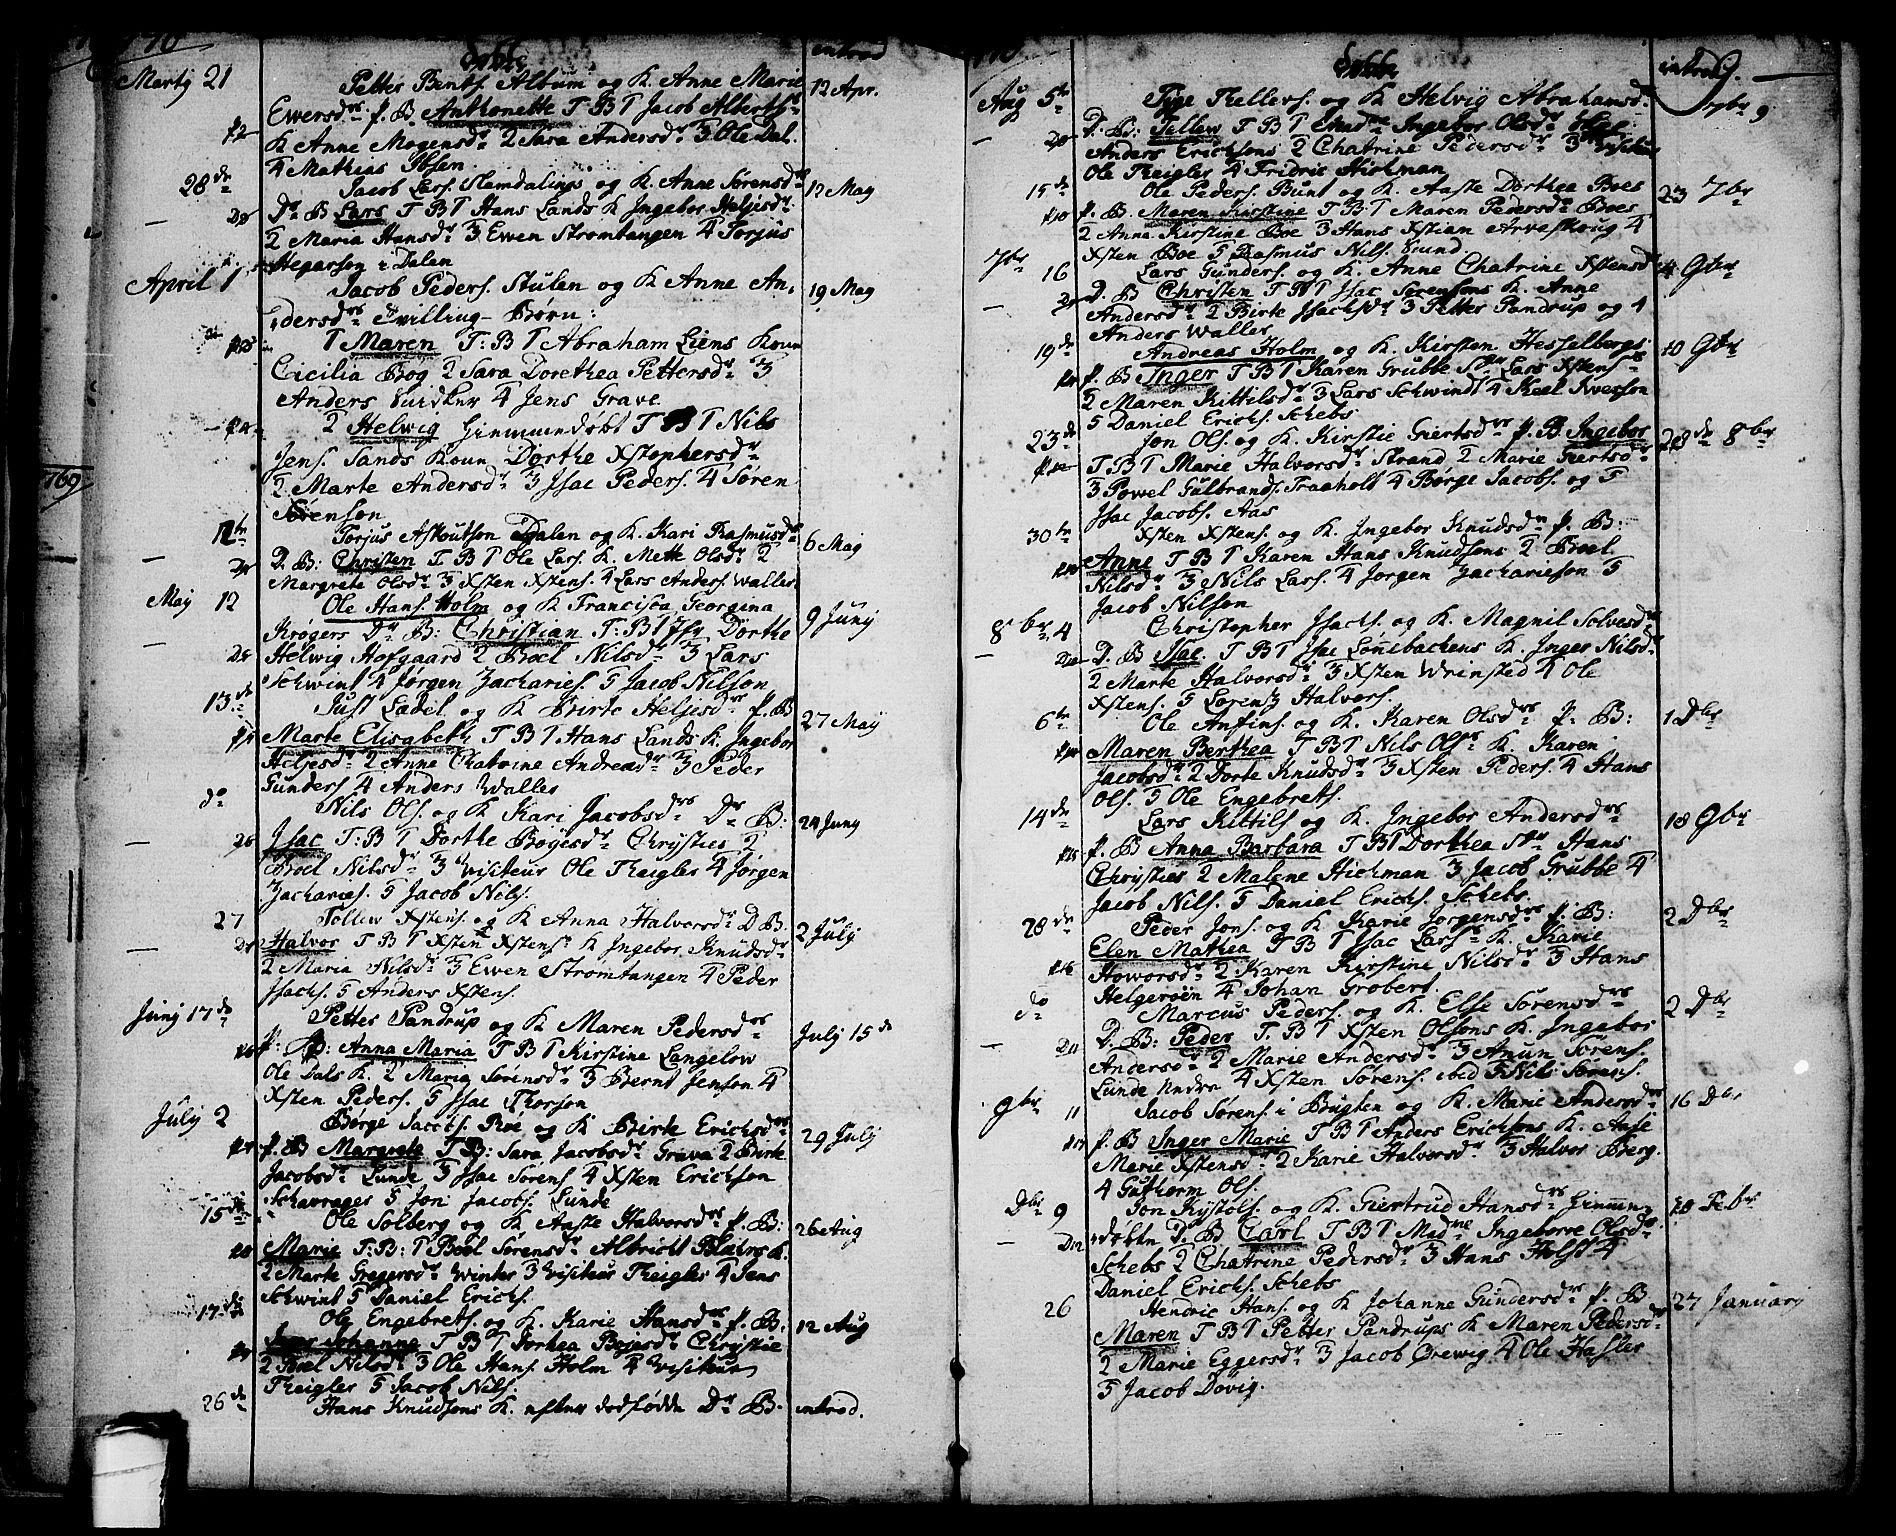 SAKO, Brevik kirkebøker, F/Fa/L0003: Ministerialbok nr. 3, 1764-1814, s. 9